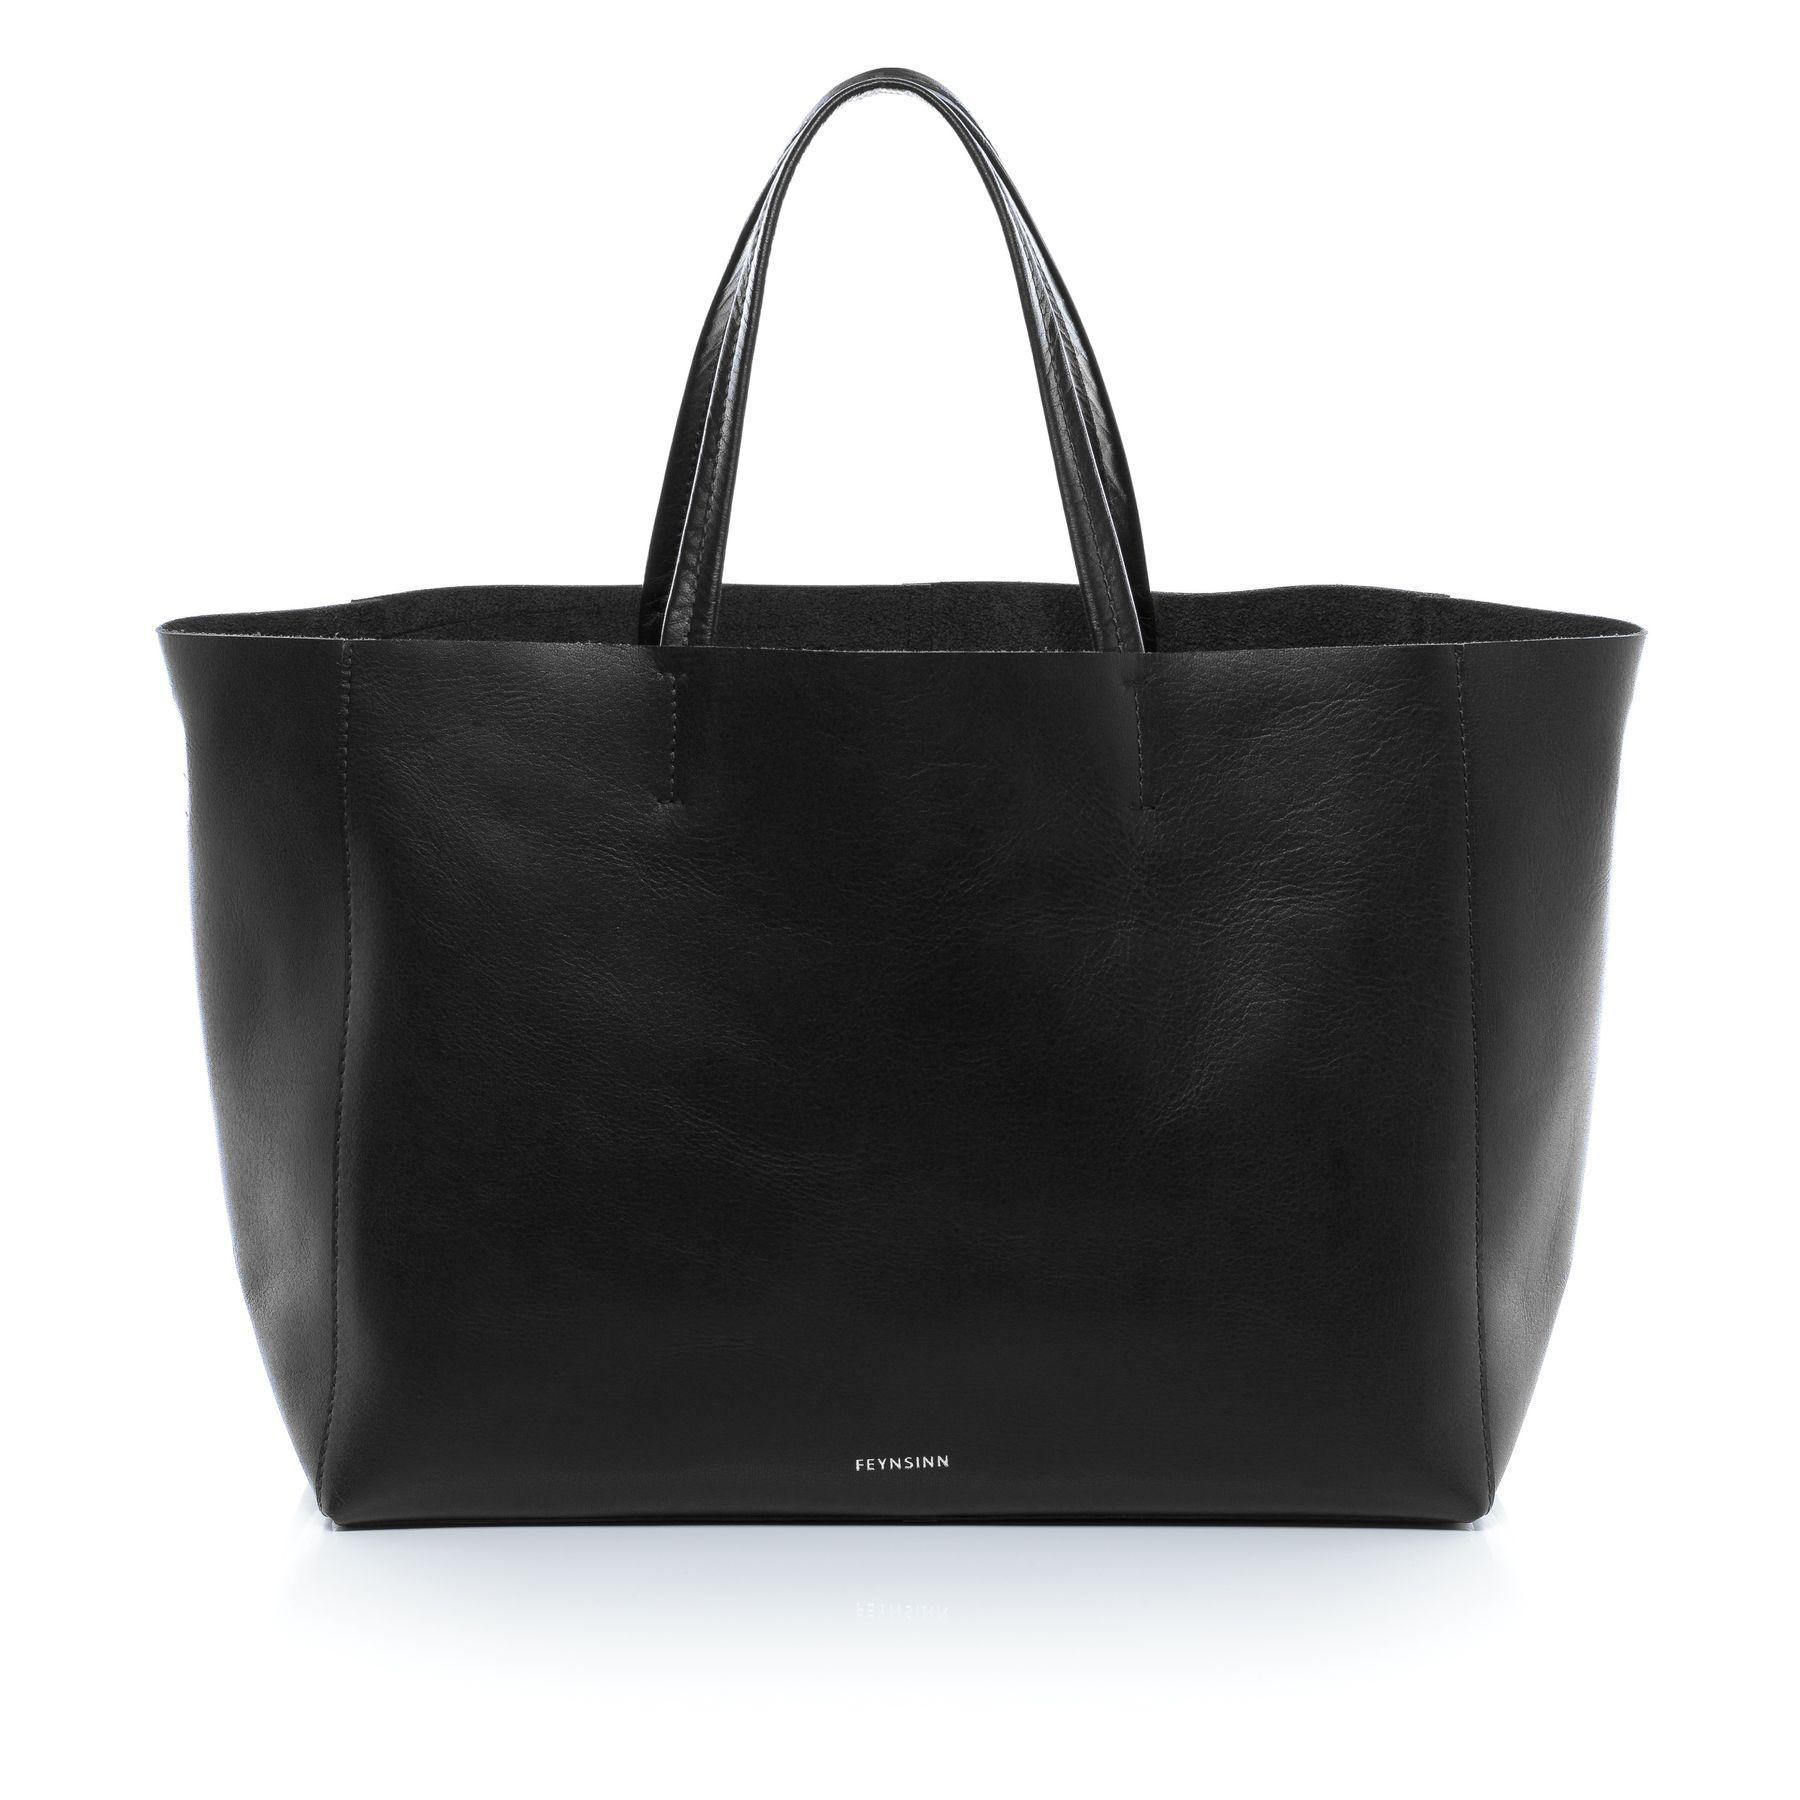 feynsinn handtasche jax ledertasche damentasche leder. Black Bedroom Furniture Sets. Home Design Ideas